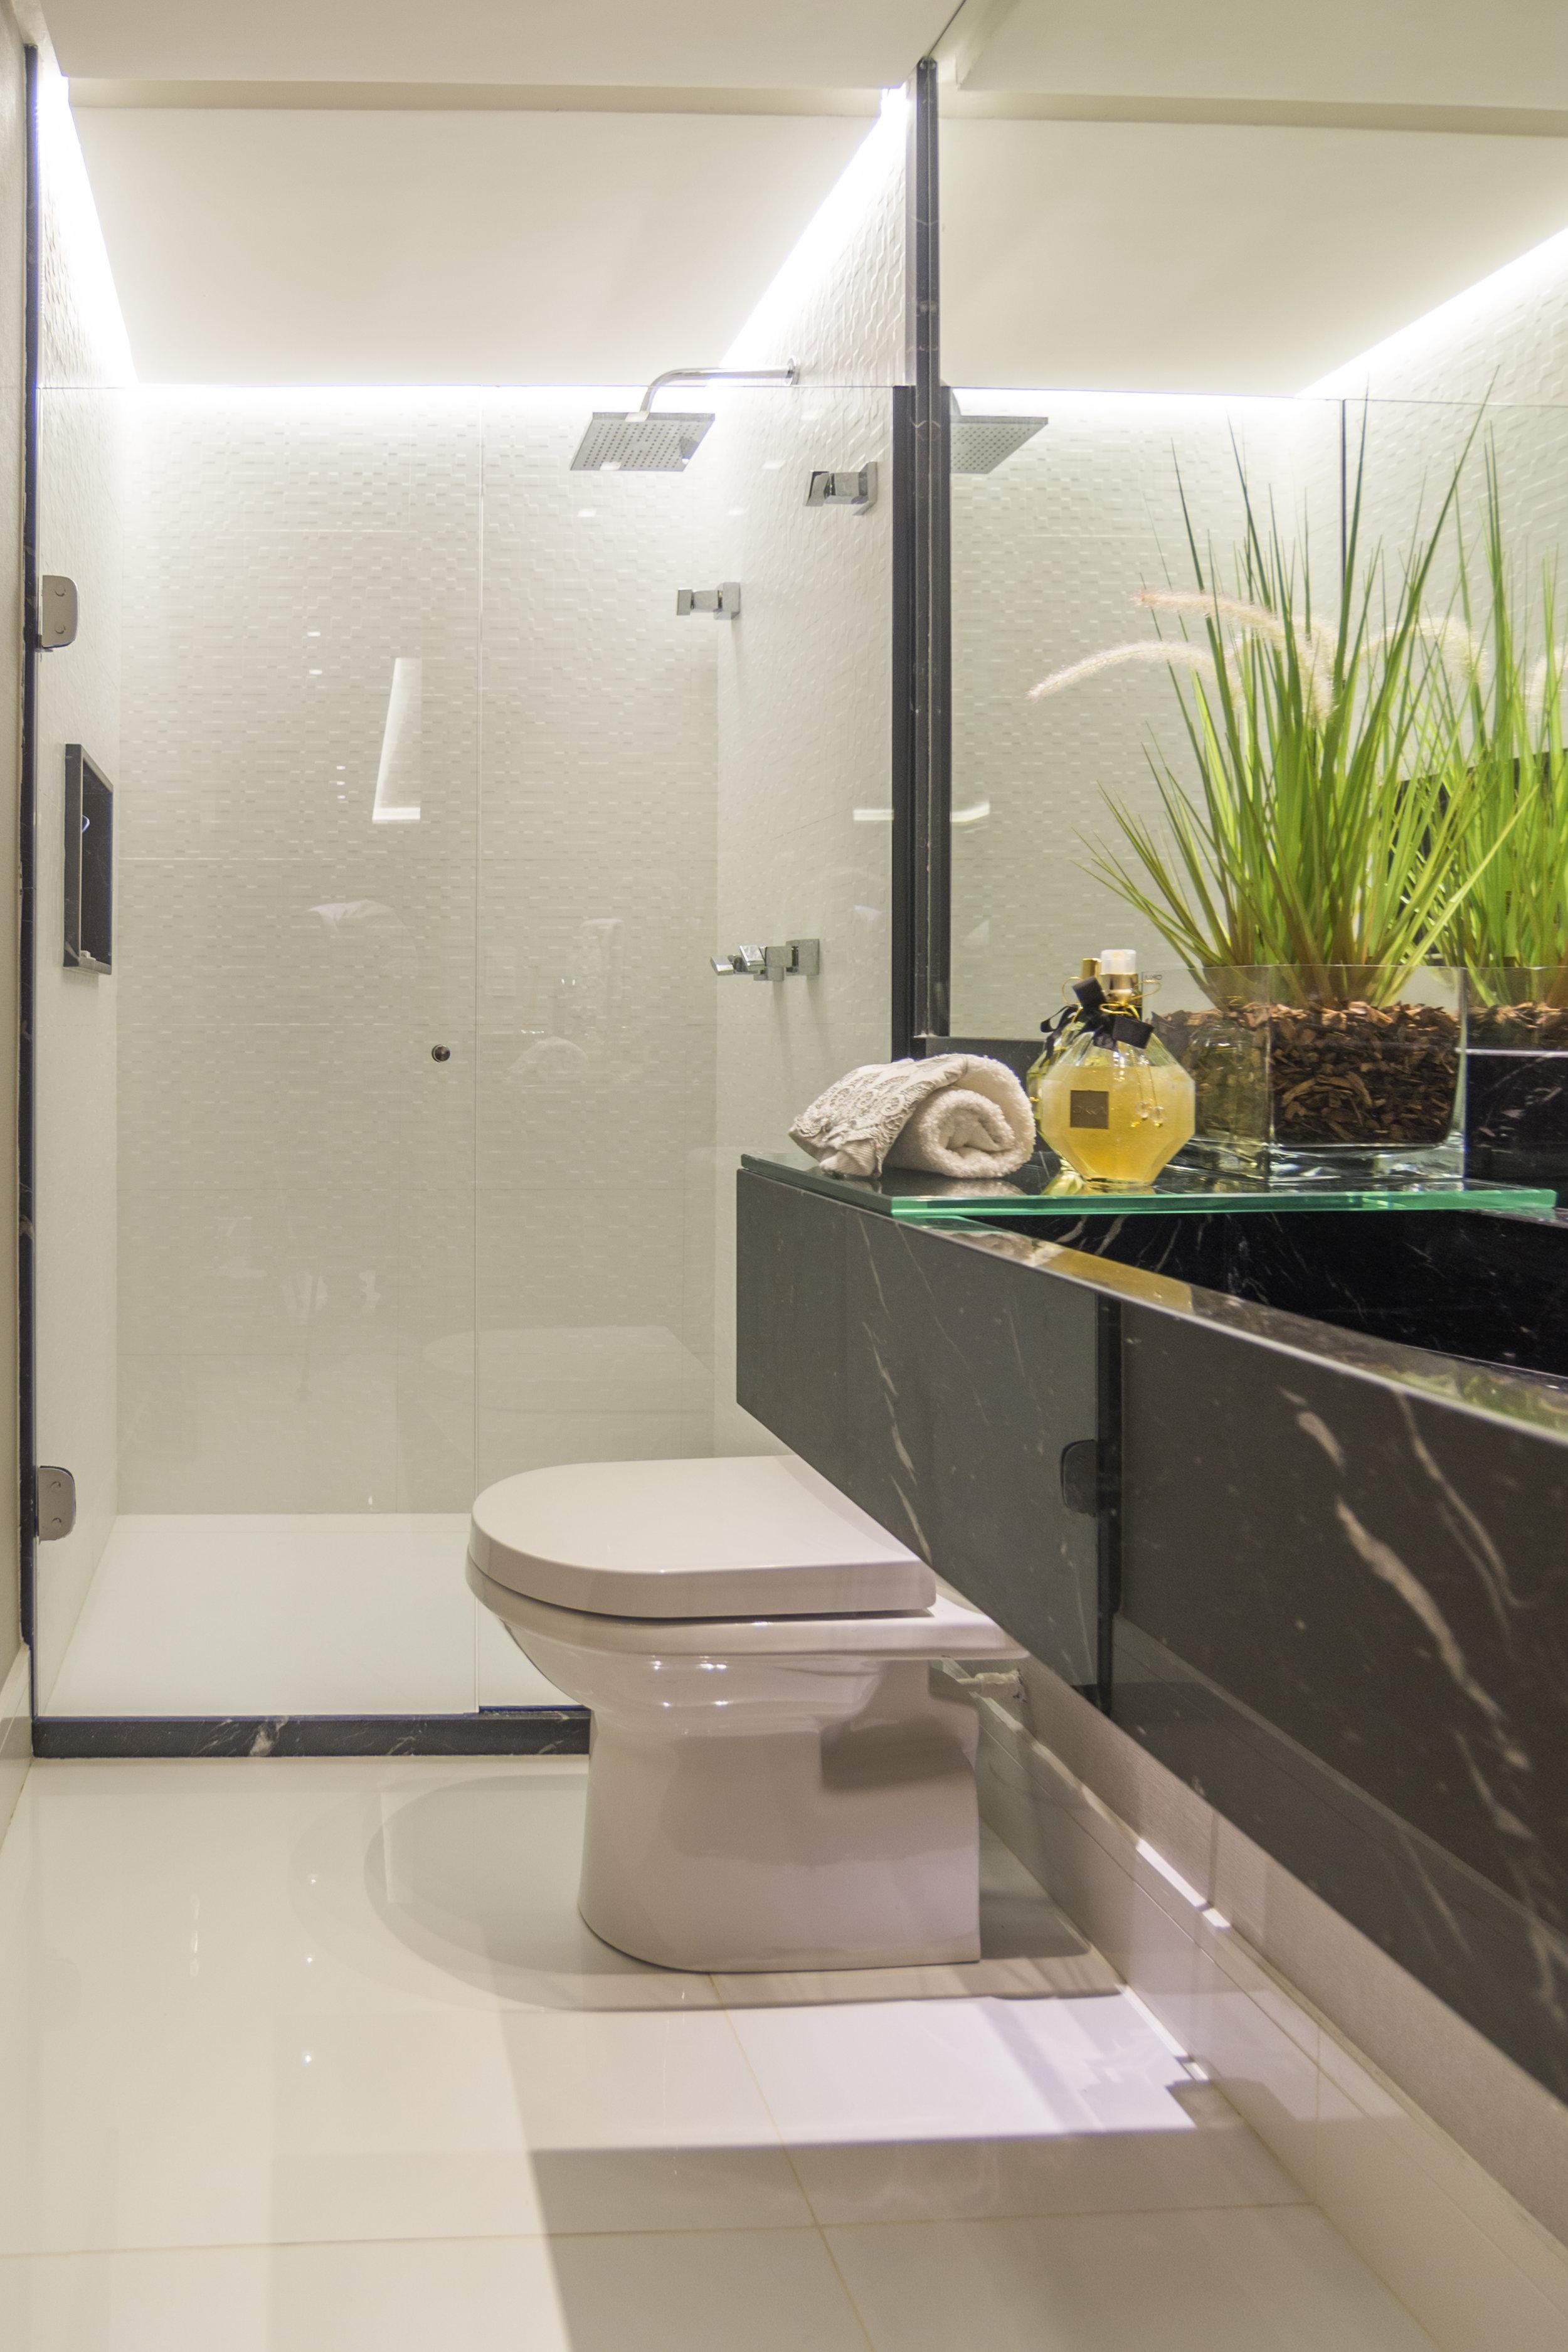 projeto-arquitetonico-robertoindira-duo-arquitetura-apartamentos-01.jpg